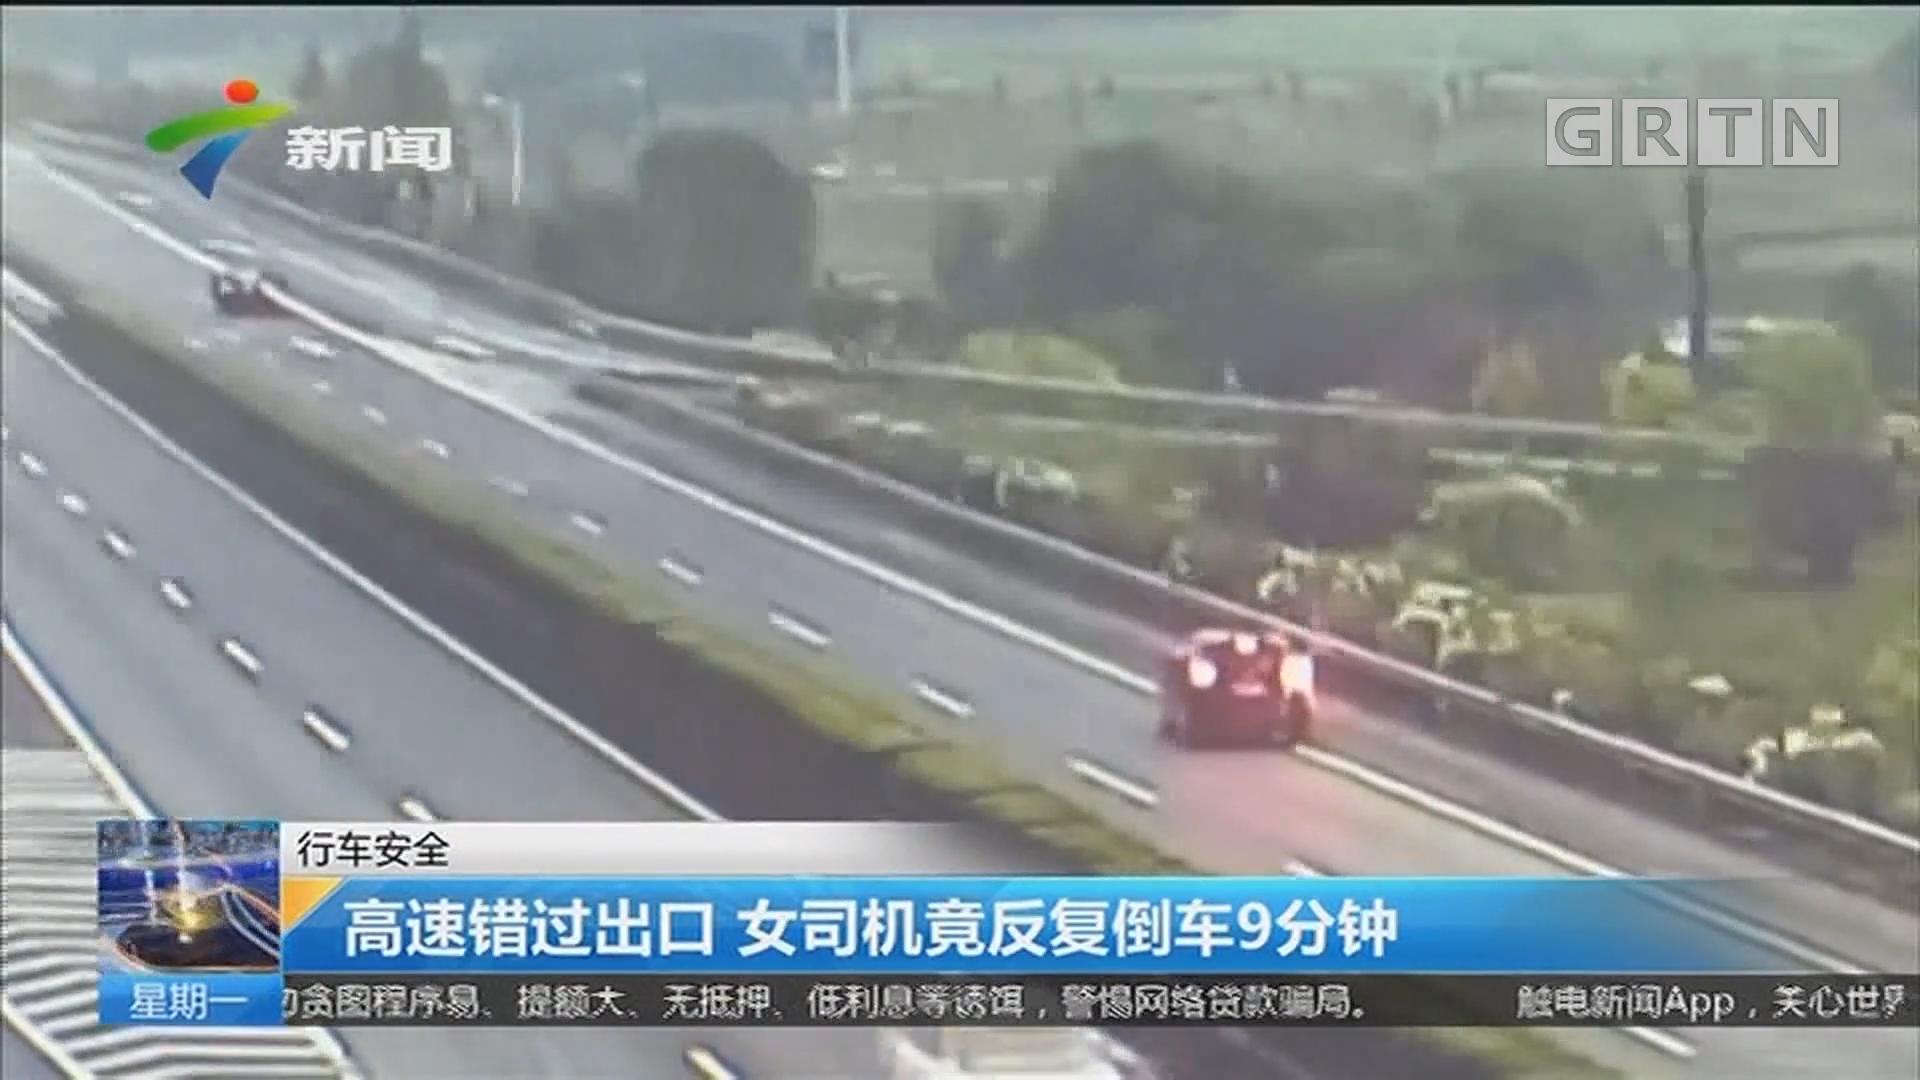 行车安全:高速错过出口 女司机竟反复倒车9分钟